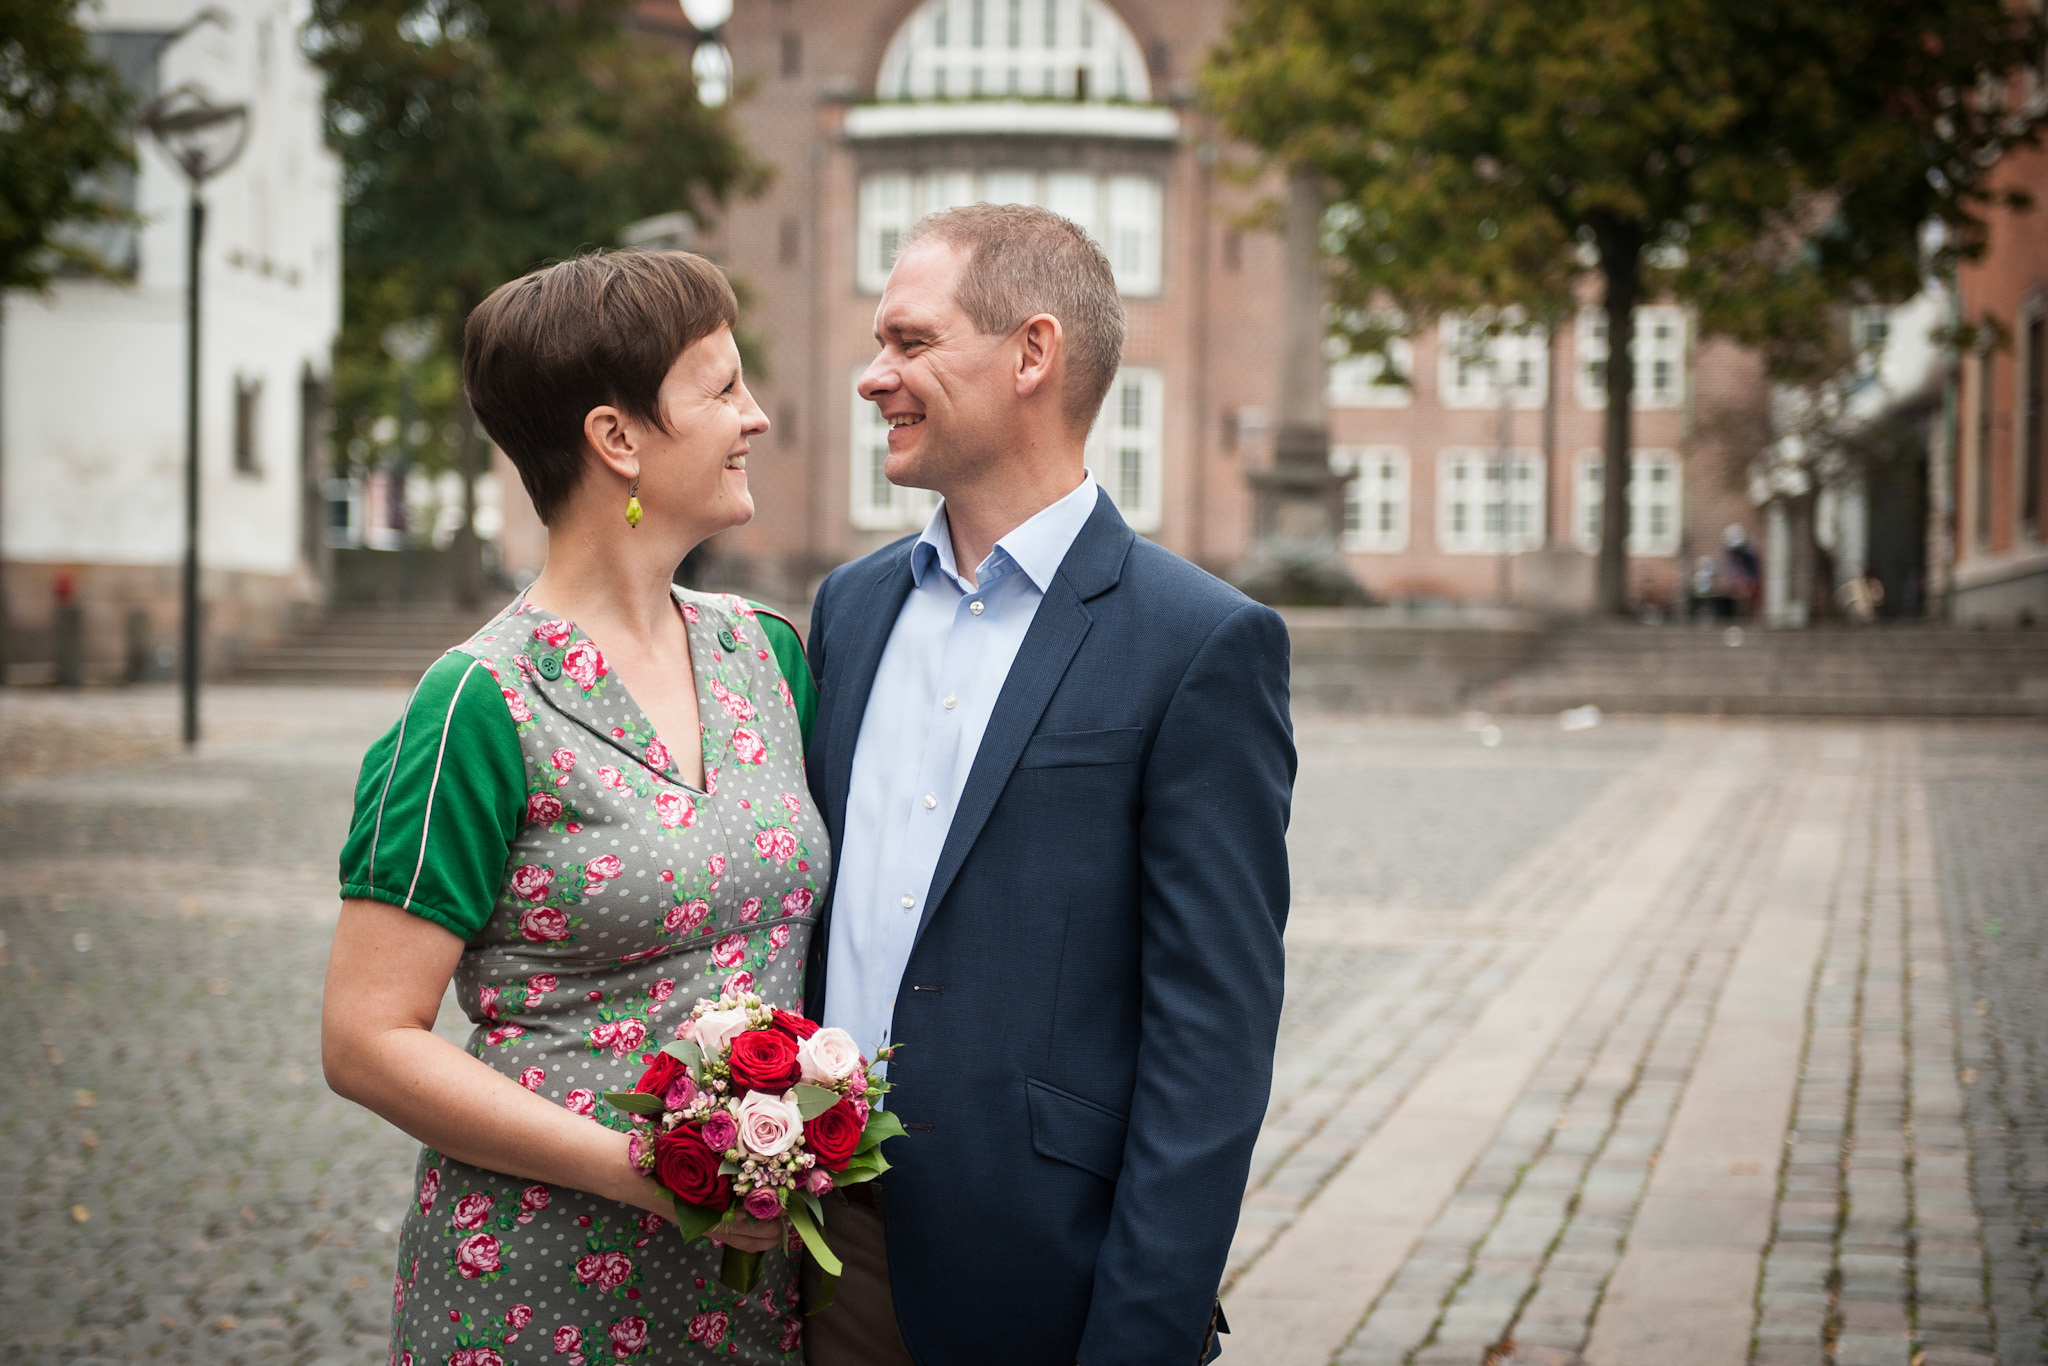 Bryllup_VibekePedersen_15